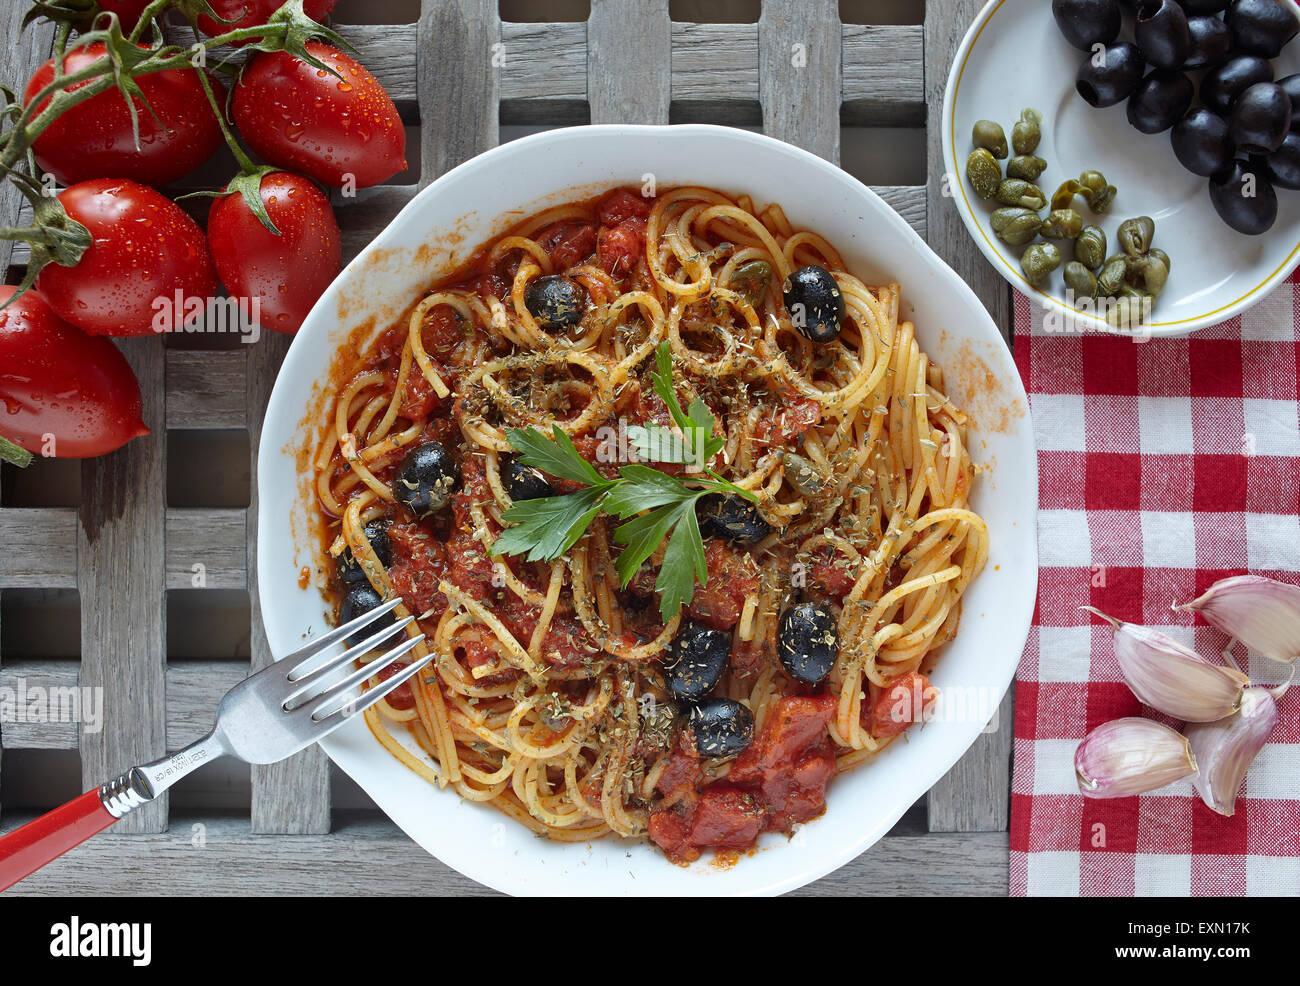 Il cibo italiano: pasta con pomodori, olive e capperi, chiamato puttanesca Immagini Stock